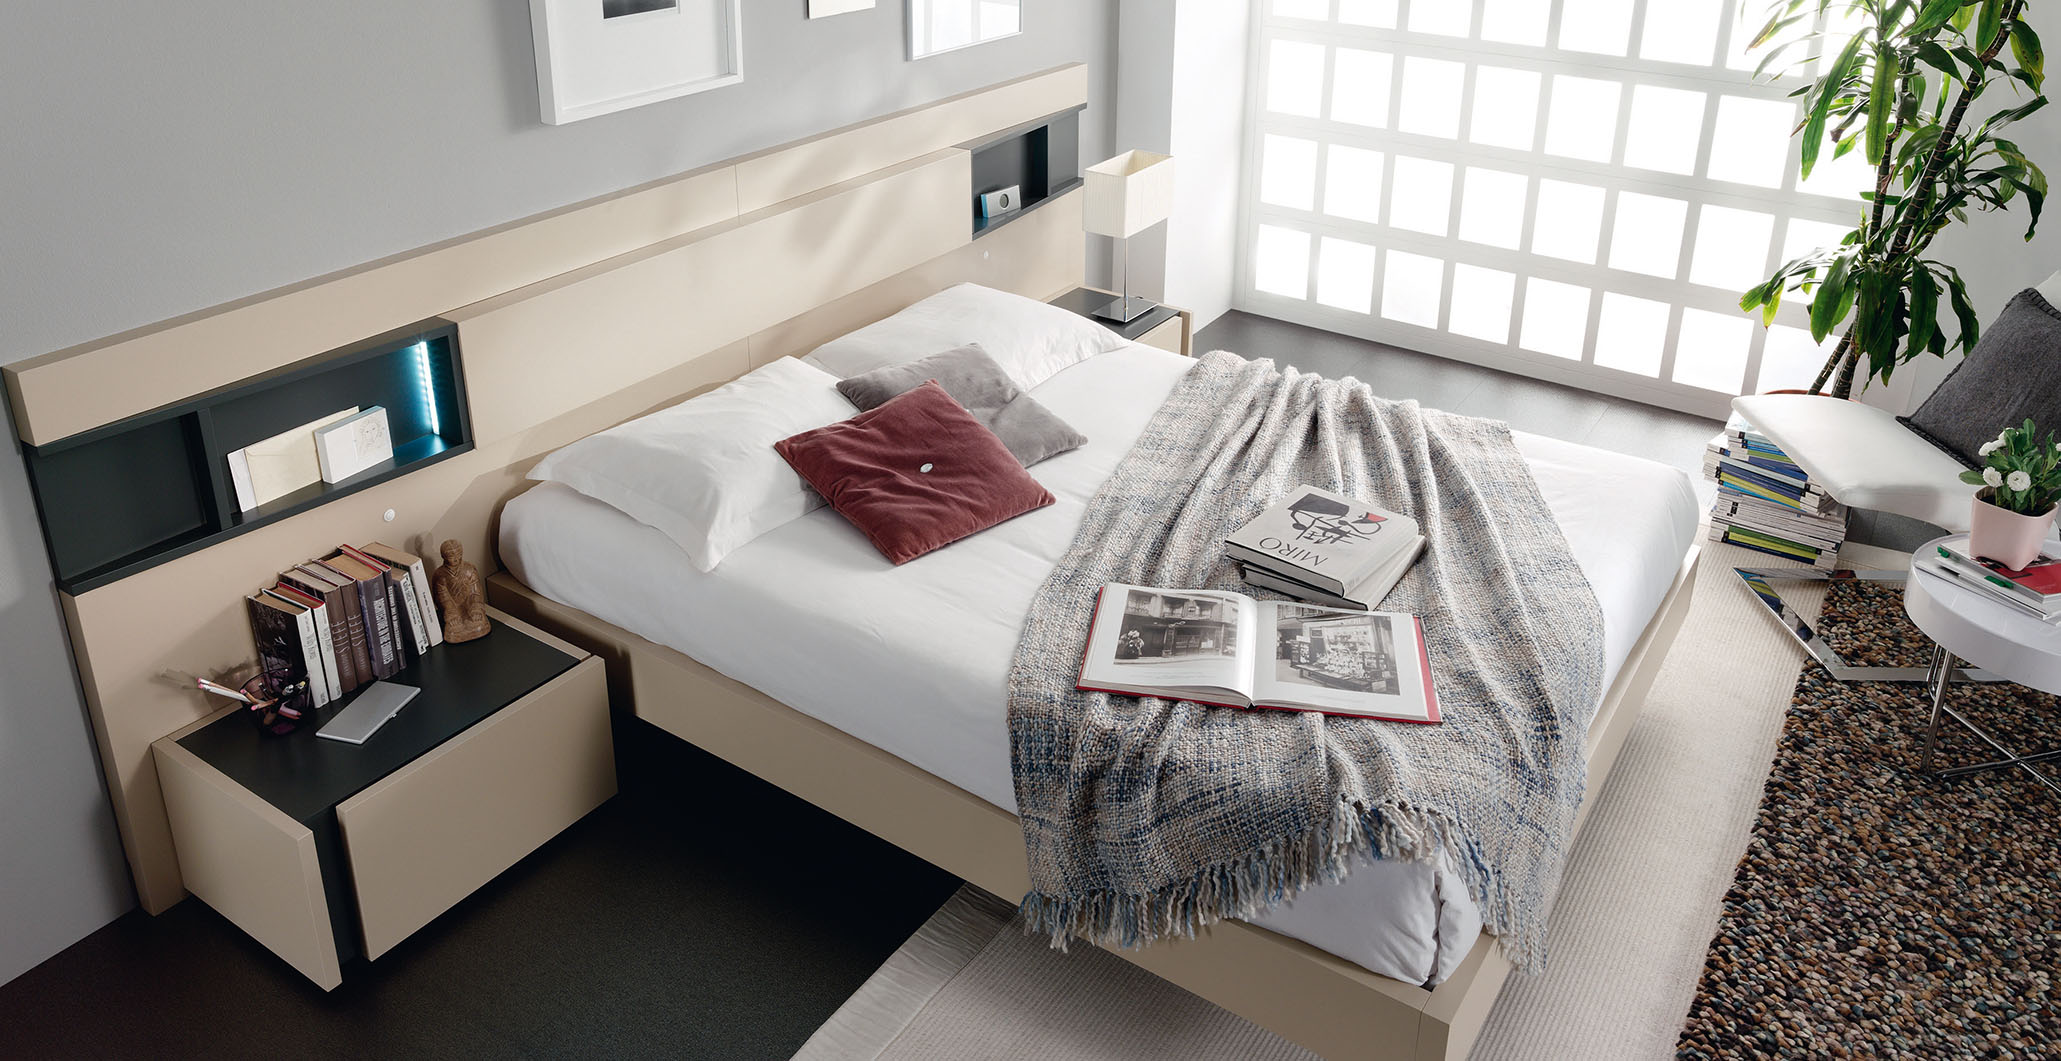 dormitorio-moderno-1577-d1-casanova